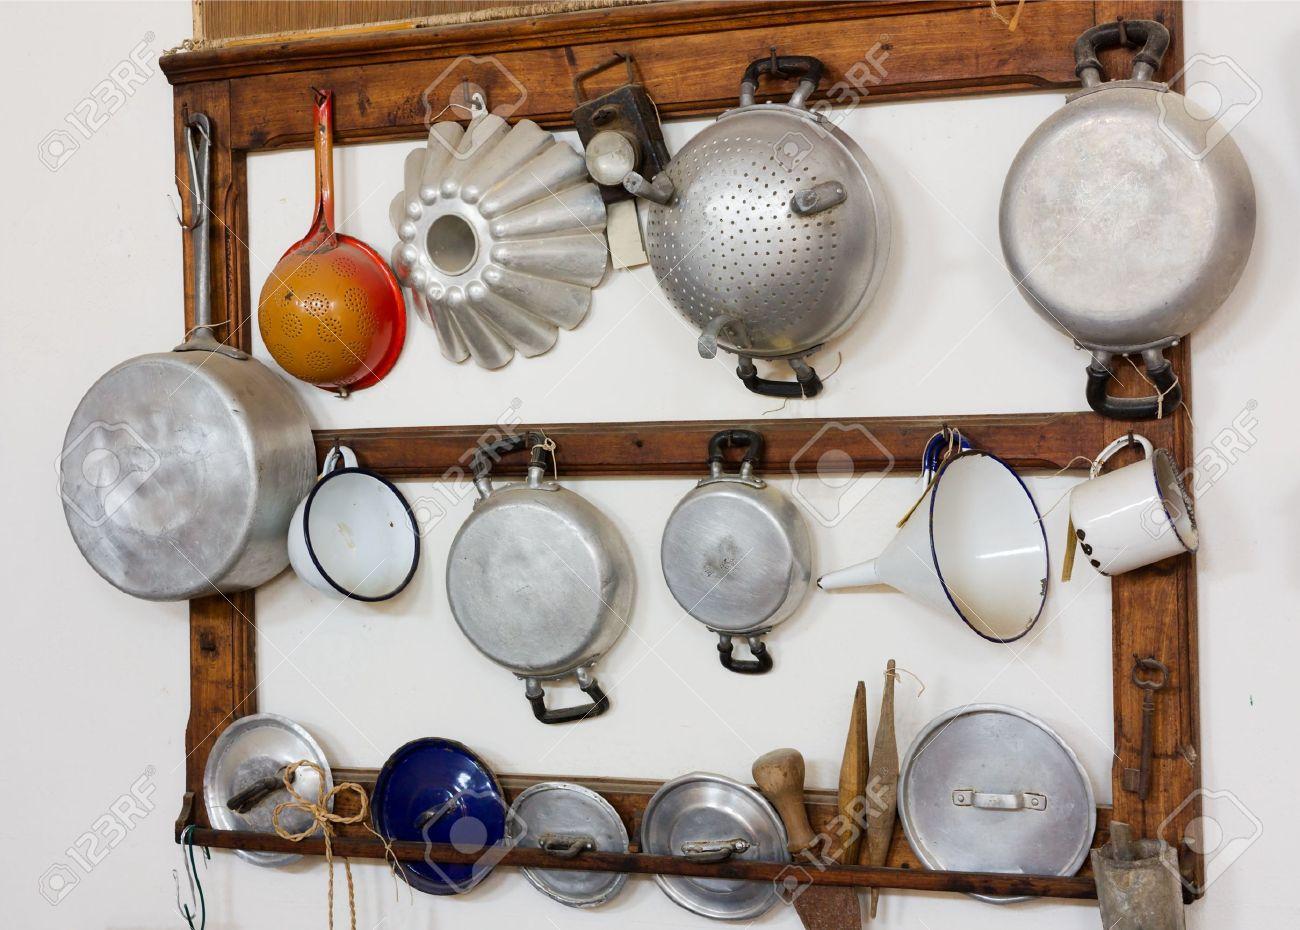 archivio fotografico insieme di strumenti vecchia cucina attrezzature retr della cucina della nonna